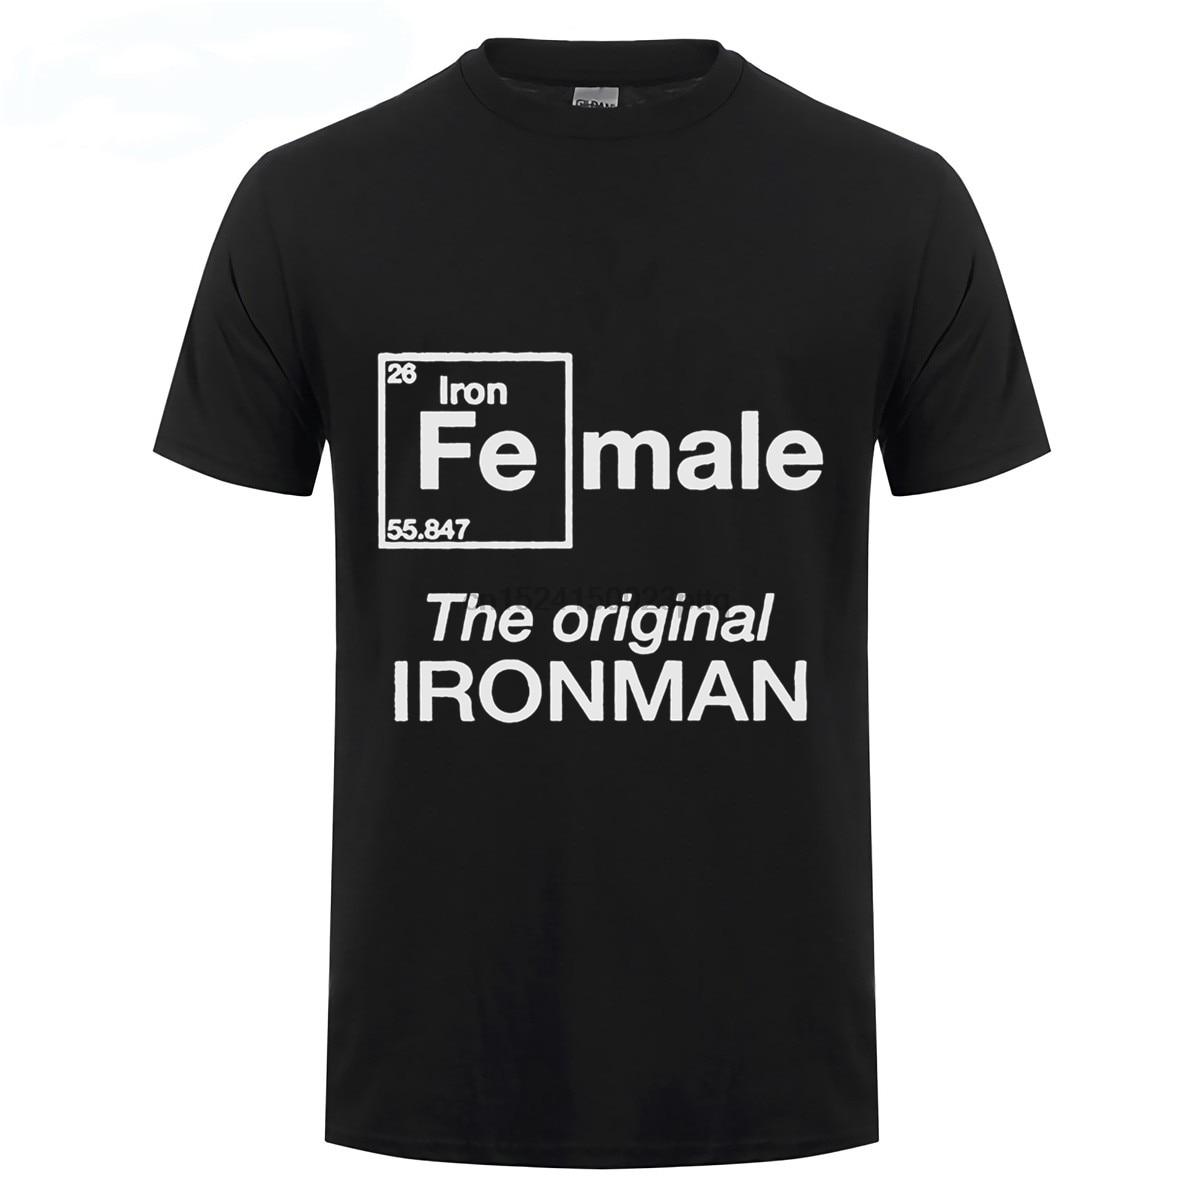 Camiseta de mujer The Original Ironman PARA EL Iron Women Triathlete inspiradora para el triatlón Achievers en hombres